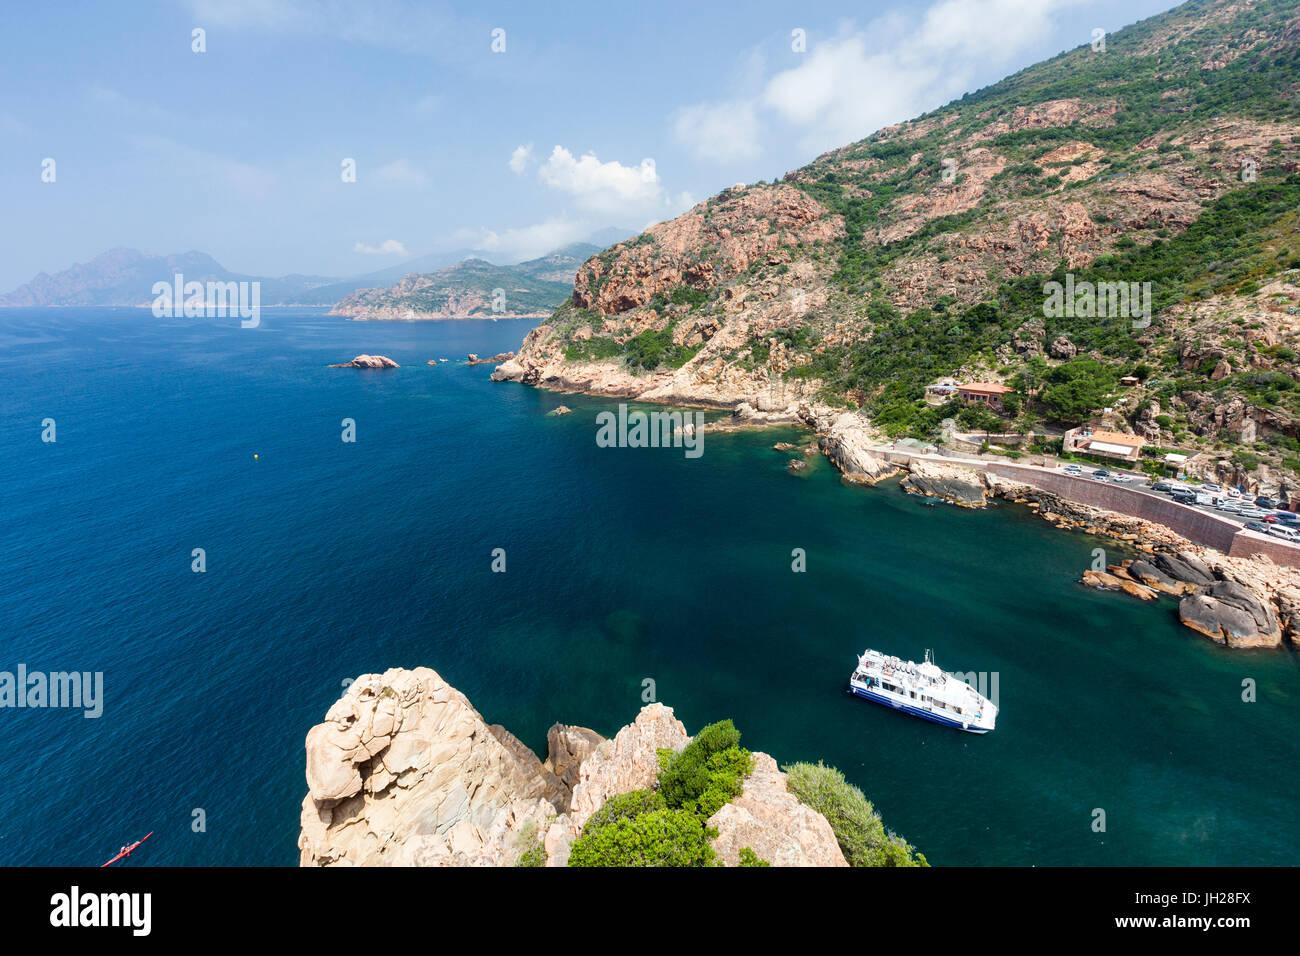 Imbarcazione turistica nel mare turchese incorniciati da rocce calcaree, Porto, Sud Corsica, Francia, Mediterraneo, Immagini Stock